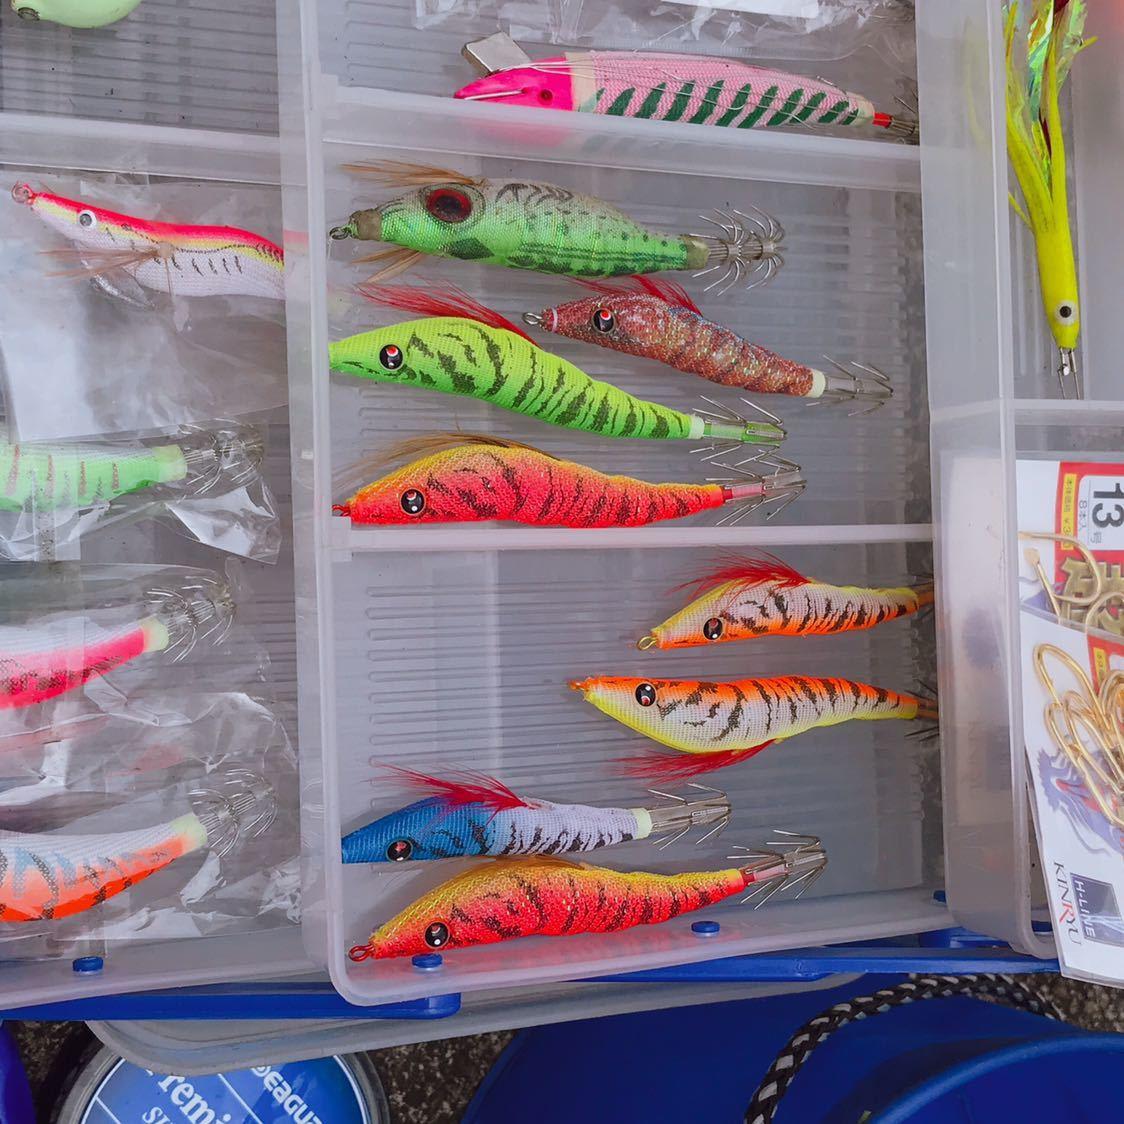 1円 海釣り 仕掛け いろいろ セット 鉛スッテ タコエギ ハリスなど 画像参照_画像5